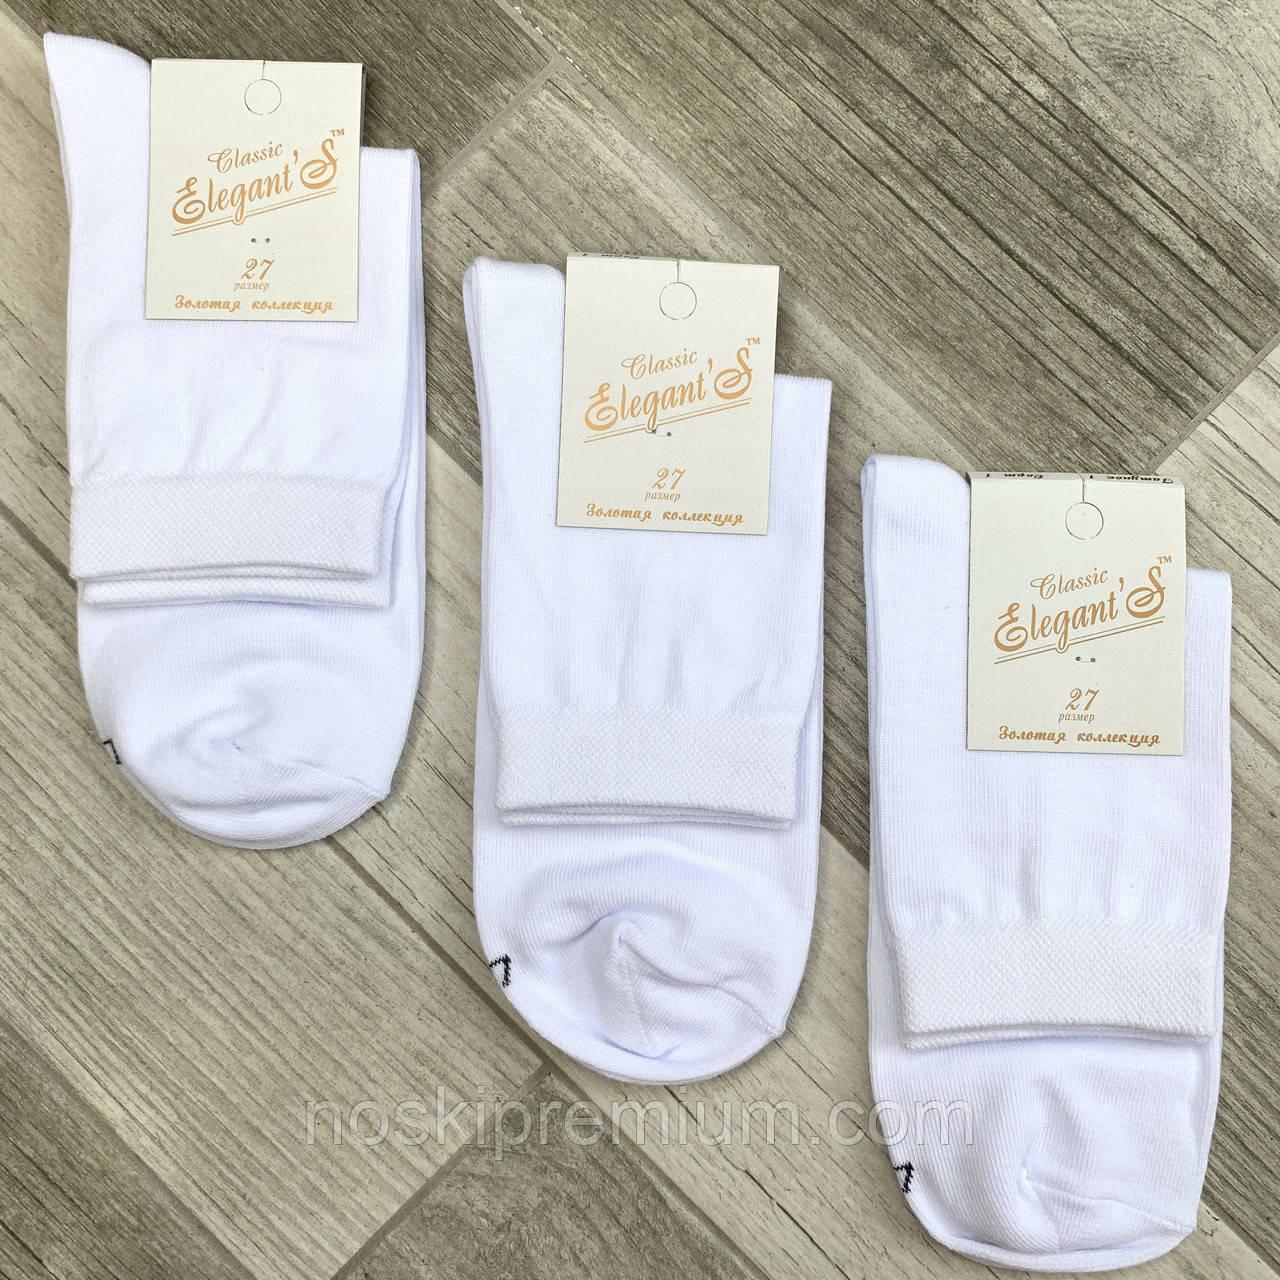 Шкарпетки чоловічі демісезонні х/б з лайкрою Елегант, 27 розмір, білі, 077